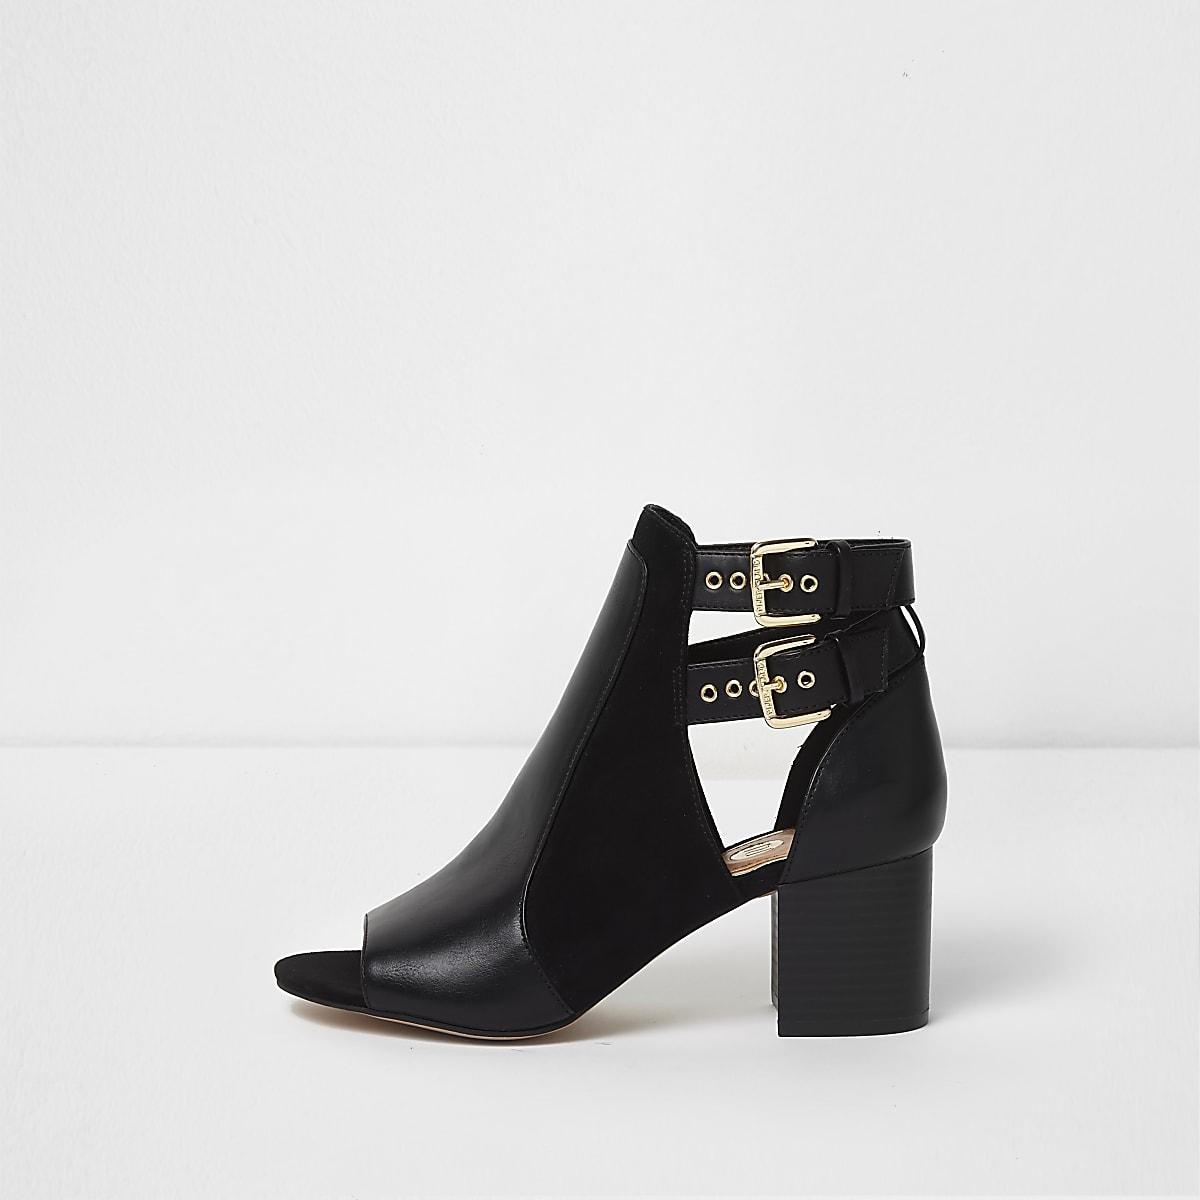 Zwarte peeptoe schoenlaarsjes met twee gespen